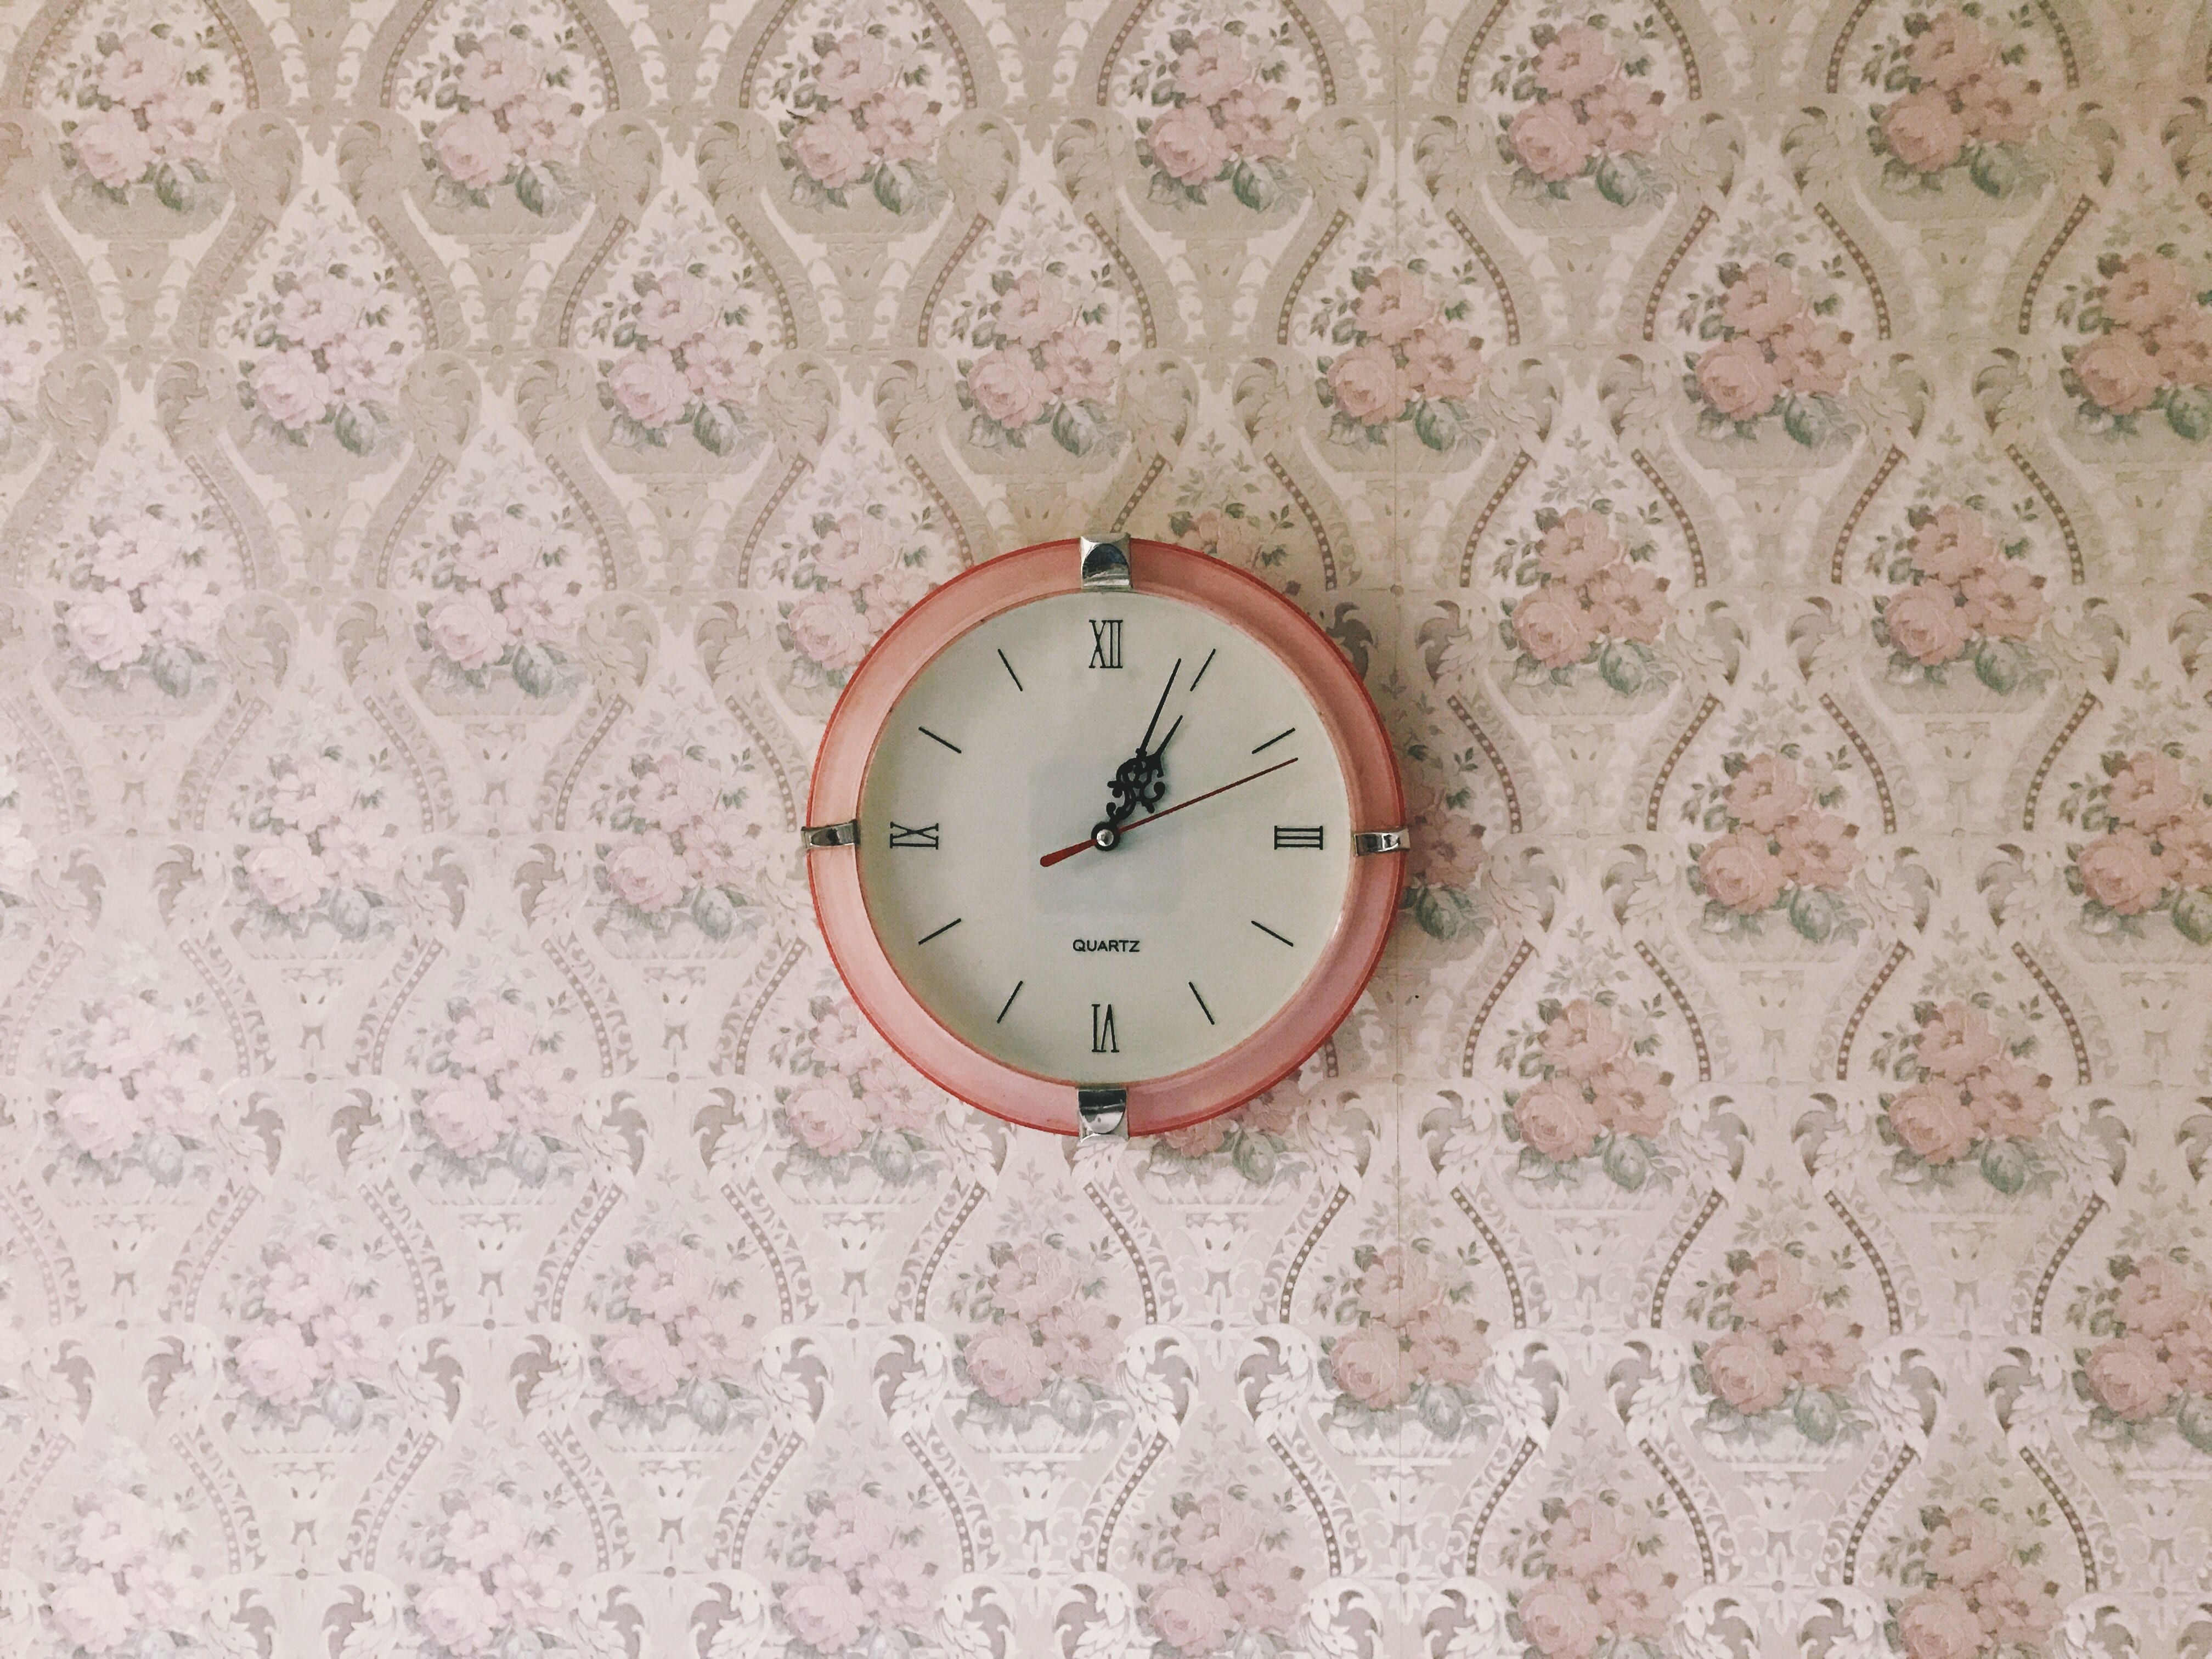 Uhr, Zeit, Tapete, Zimmer, Blumenmuster